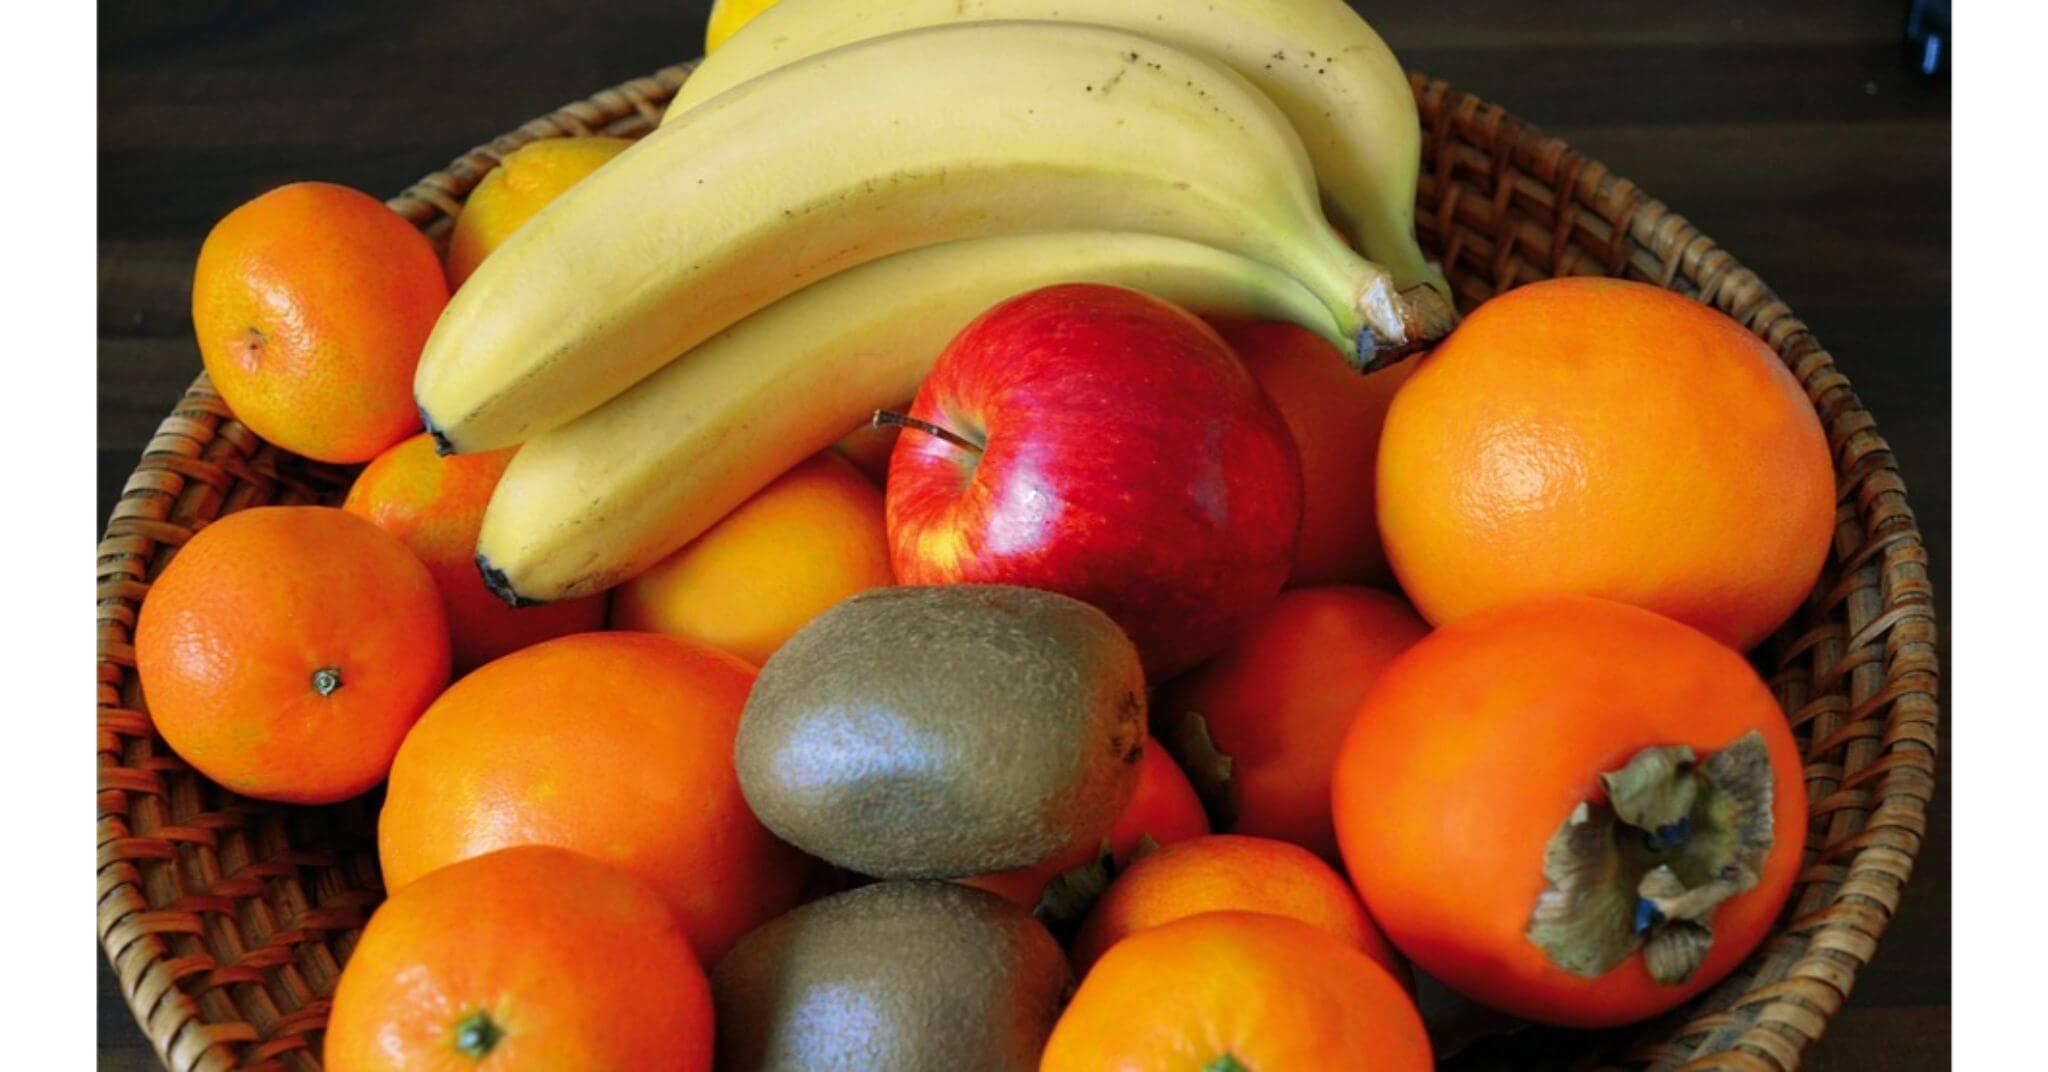 centrifugati ed estratti meglio della frutta?